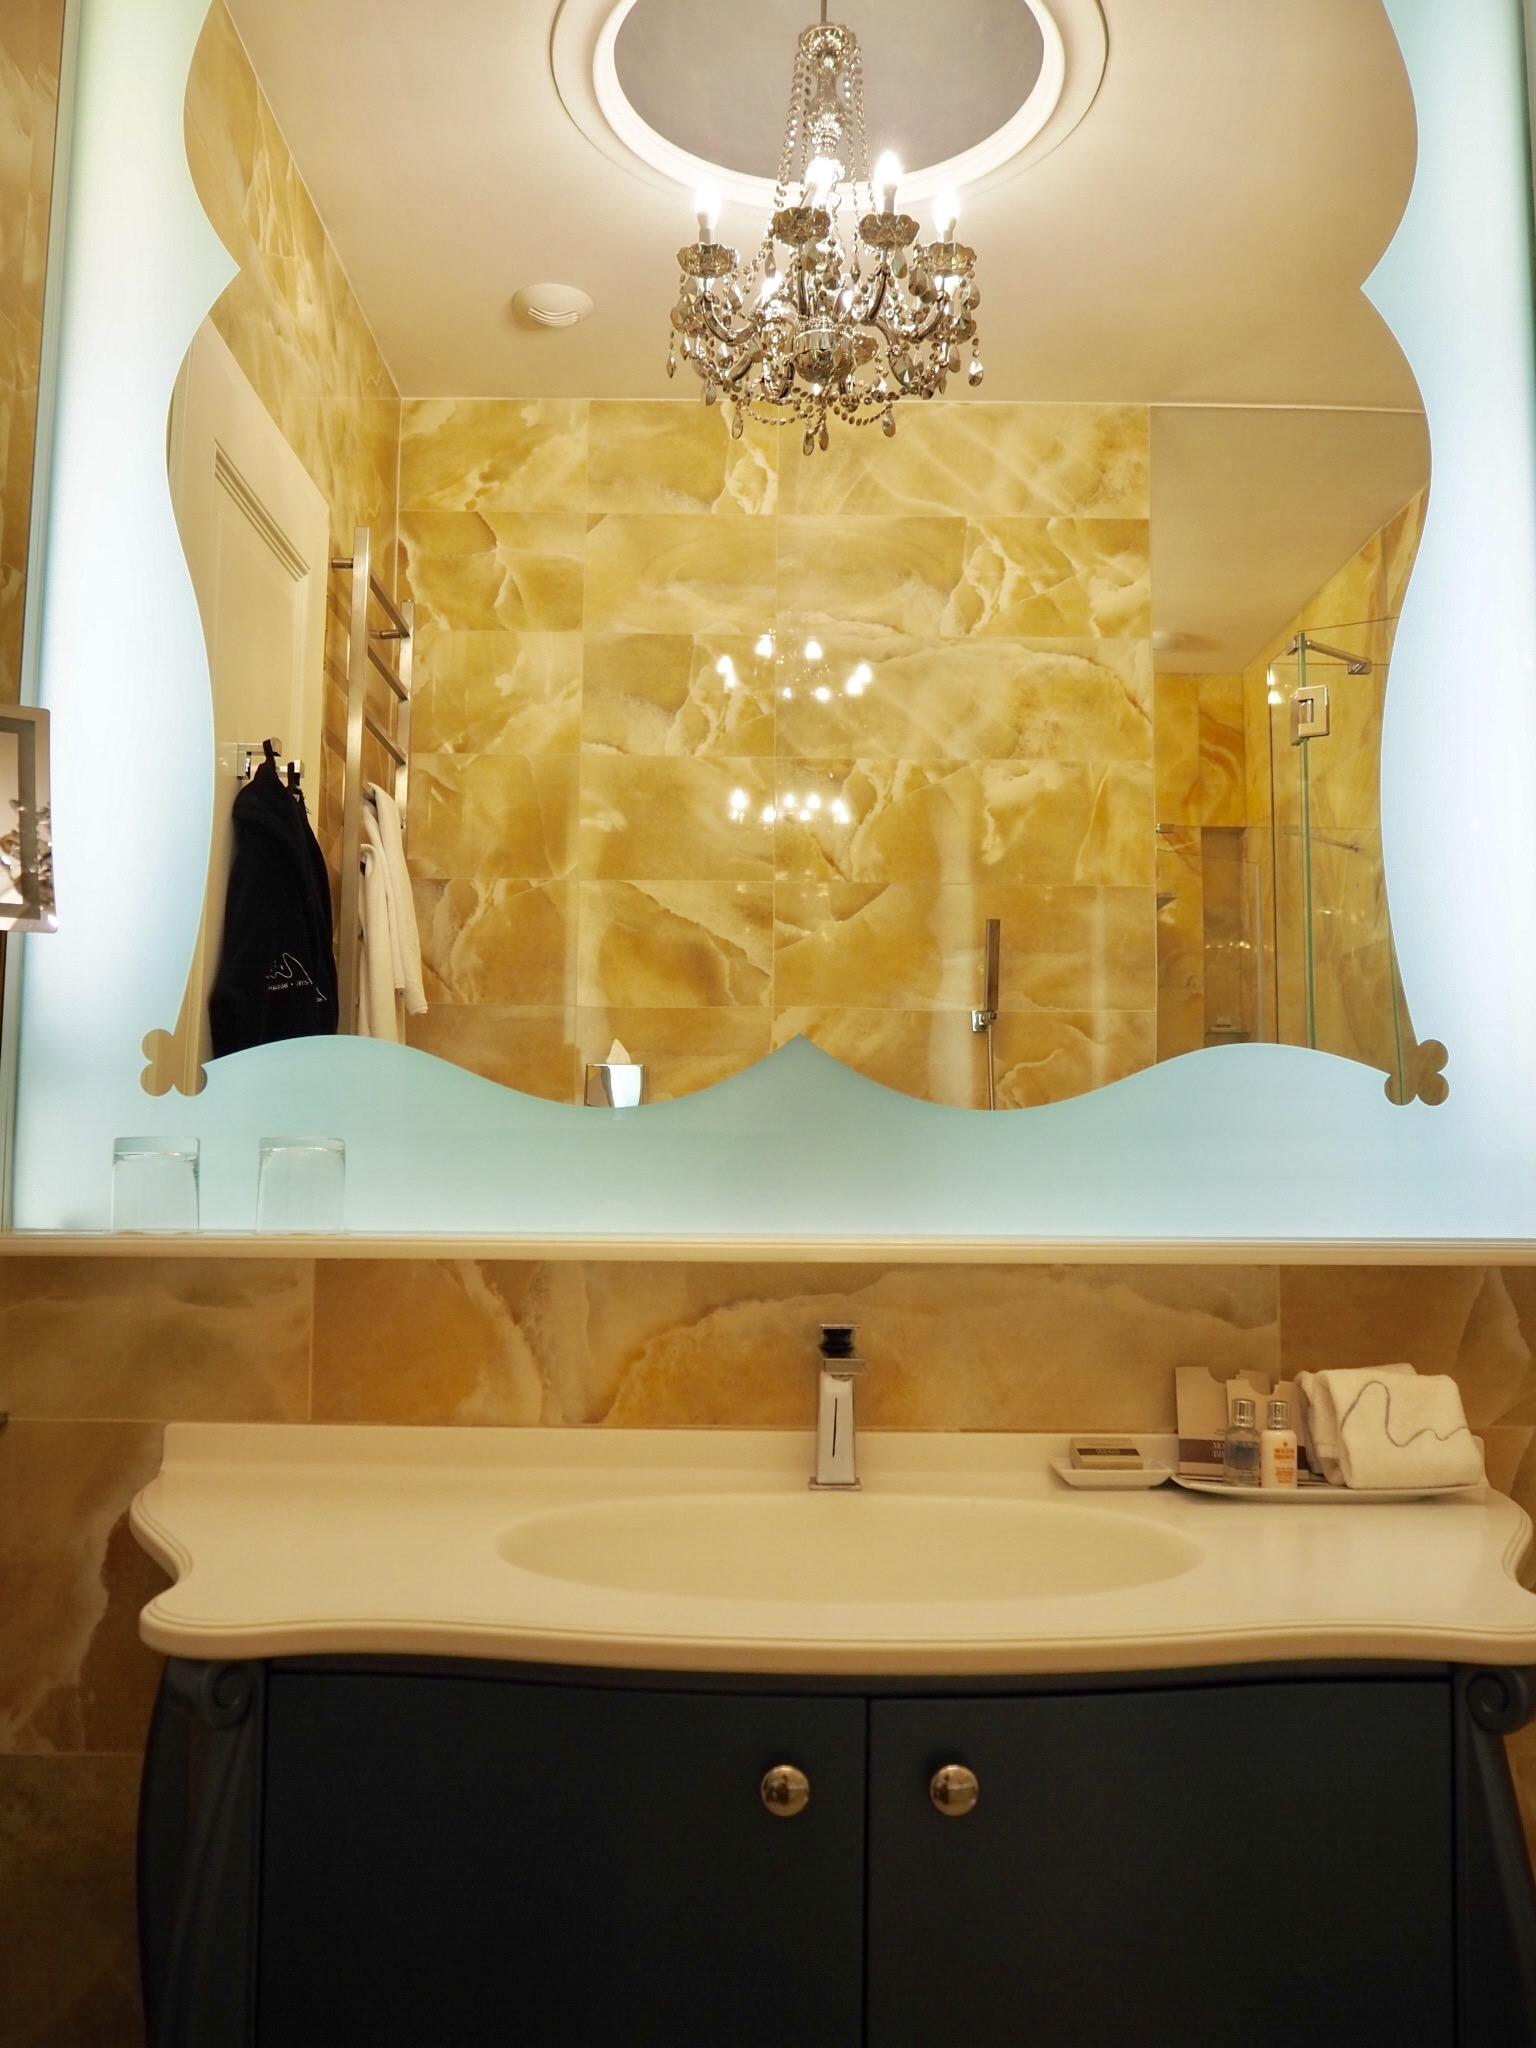 img 4452 - Aria Hotel Budapest - 音楽に囲まれて過ごすブダペストのラグジュアリーブティックホテルの魅力